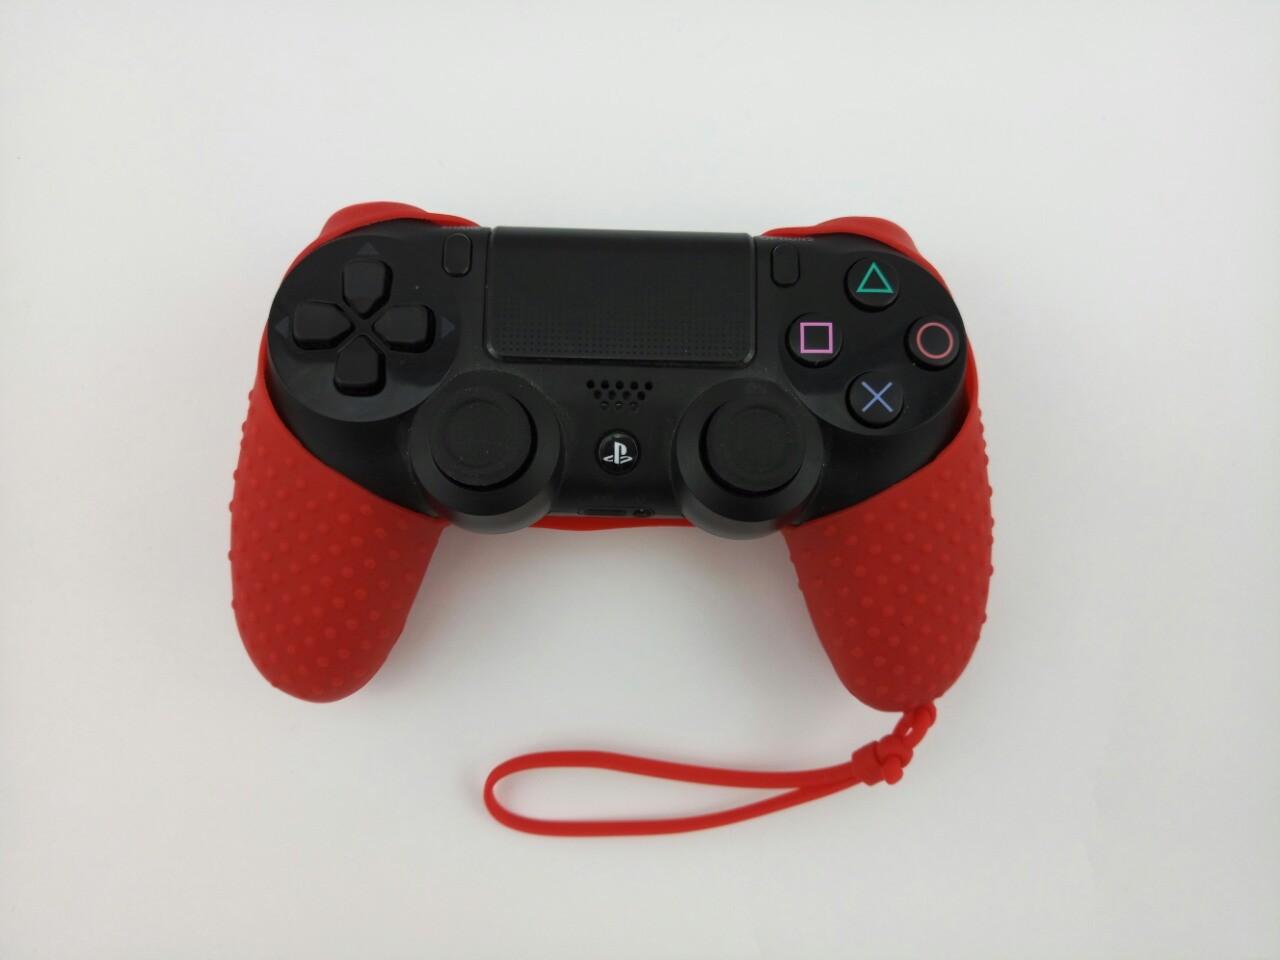 Силиконовый чехол для джойстика PS4 с ремешком(Красный)